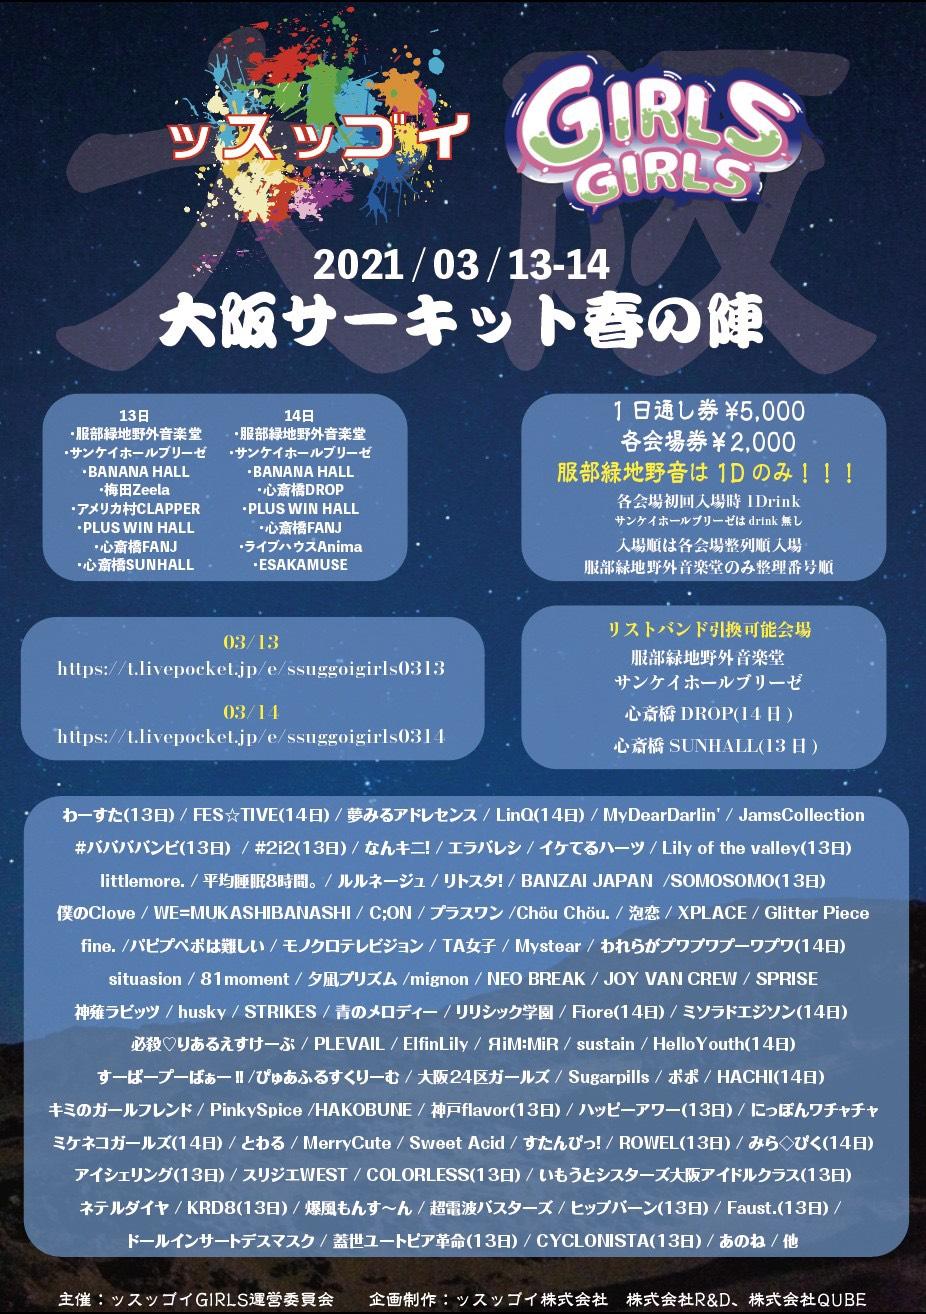 3/14(日) ッスッゴイGIRLS ~大阪サーキット春の陣~